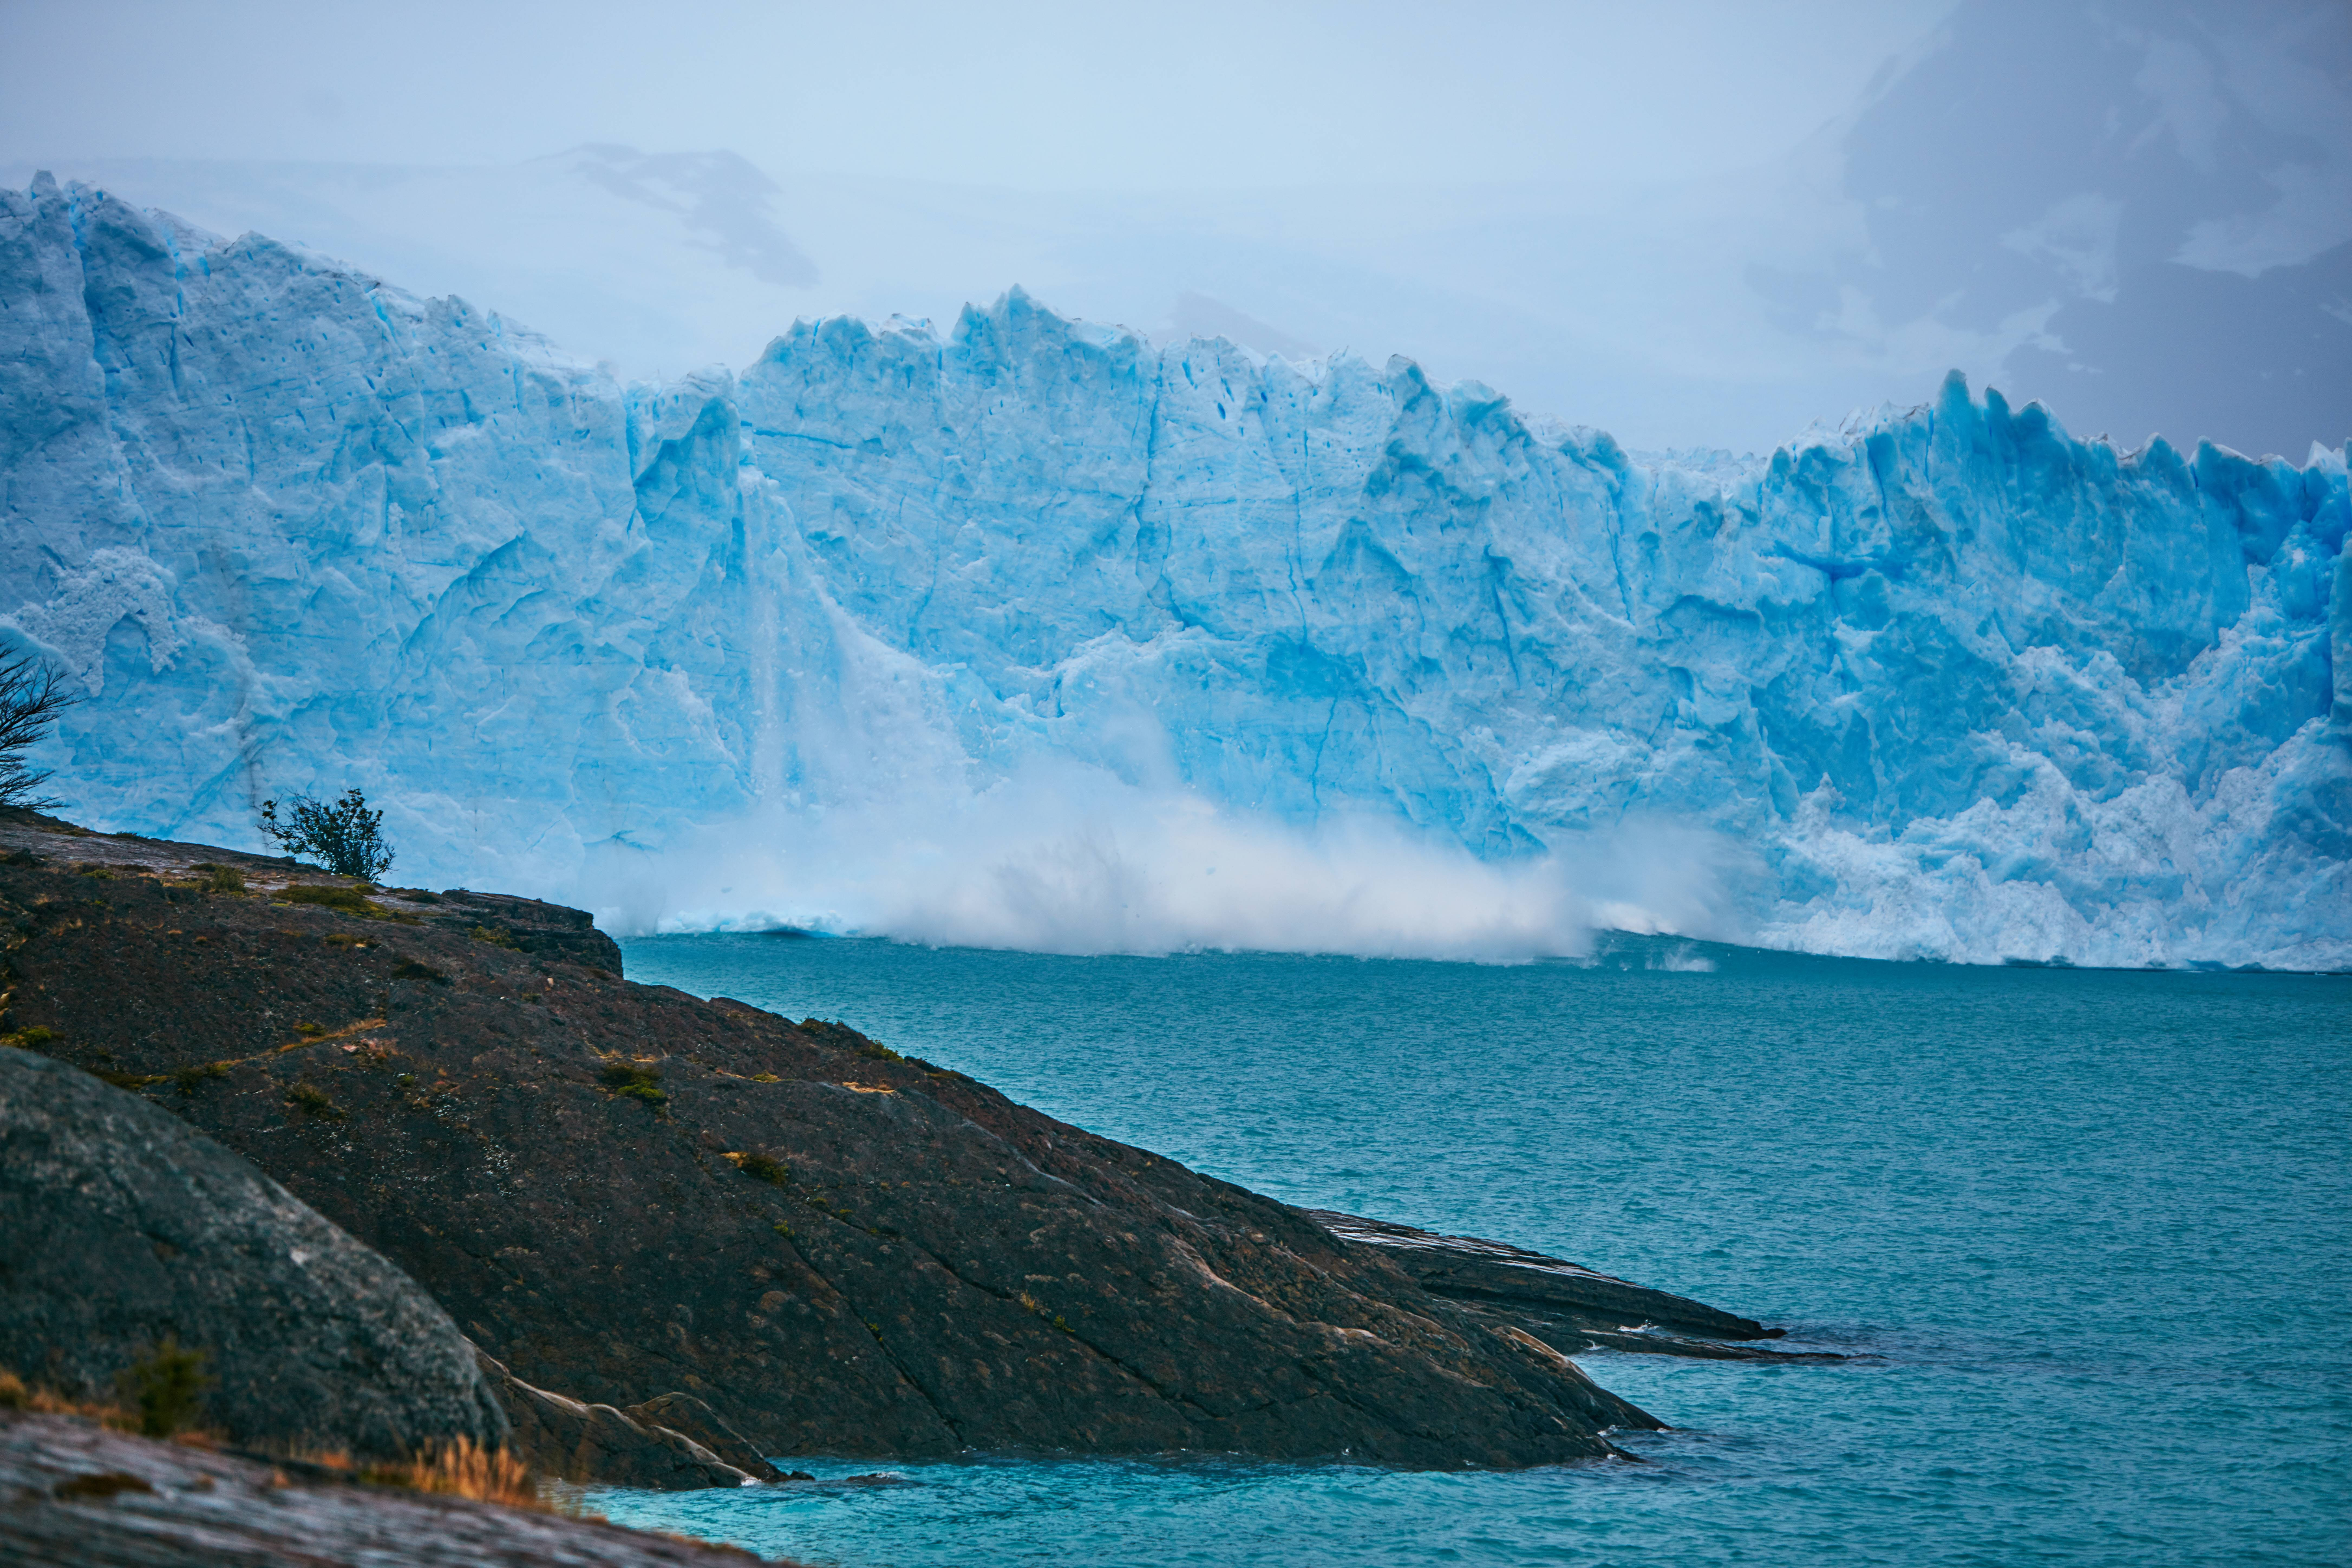 landscape photography of ice burg